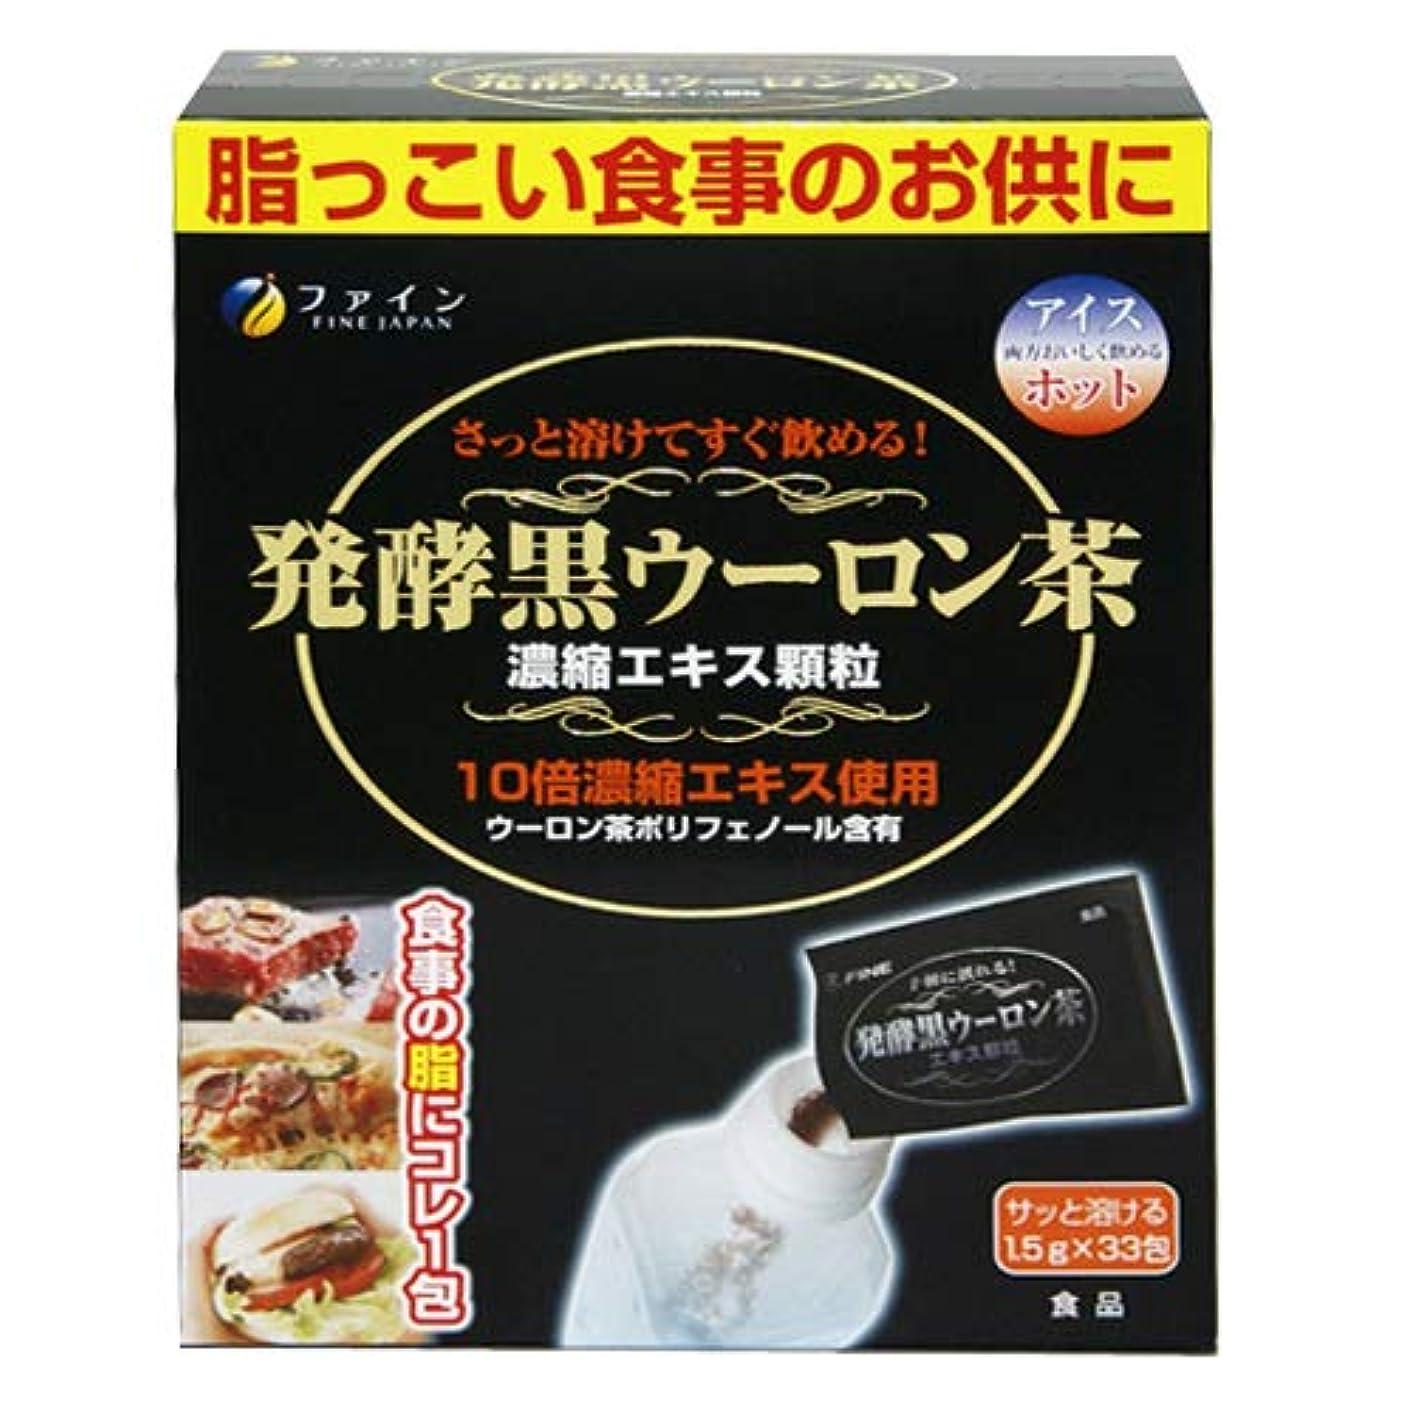 鹿代わりに鰐発酵黒ウーロン茶 濃縮エキス顆粒 【2箱組】